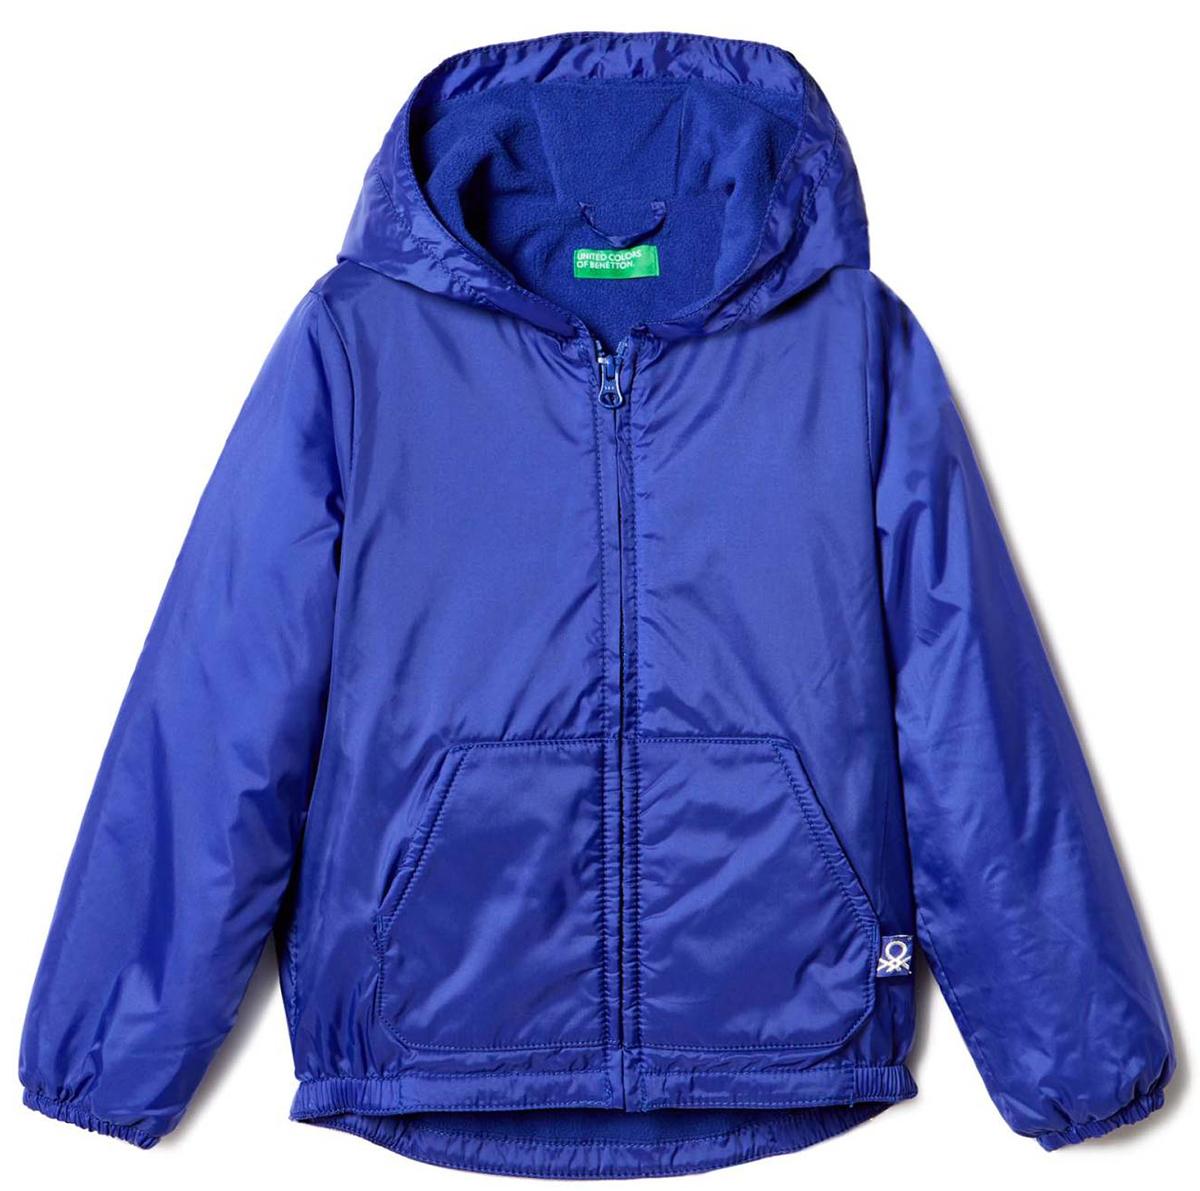 Куртка для девочки United Colors of Benetton, цвет: синий. 2BL553AS0_13C. Размер 1202BL553AS0_13CКуртка для девочки United Colors of Benetton выполнена из полиамида. Модель с капюшоном застегивается на застежку-молнию.